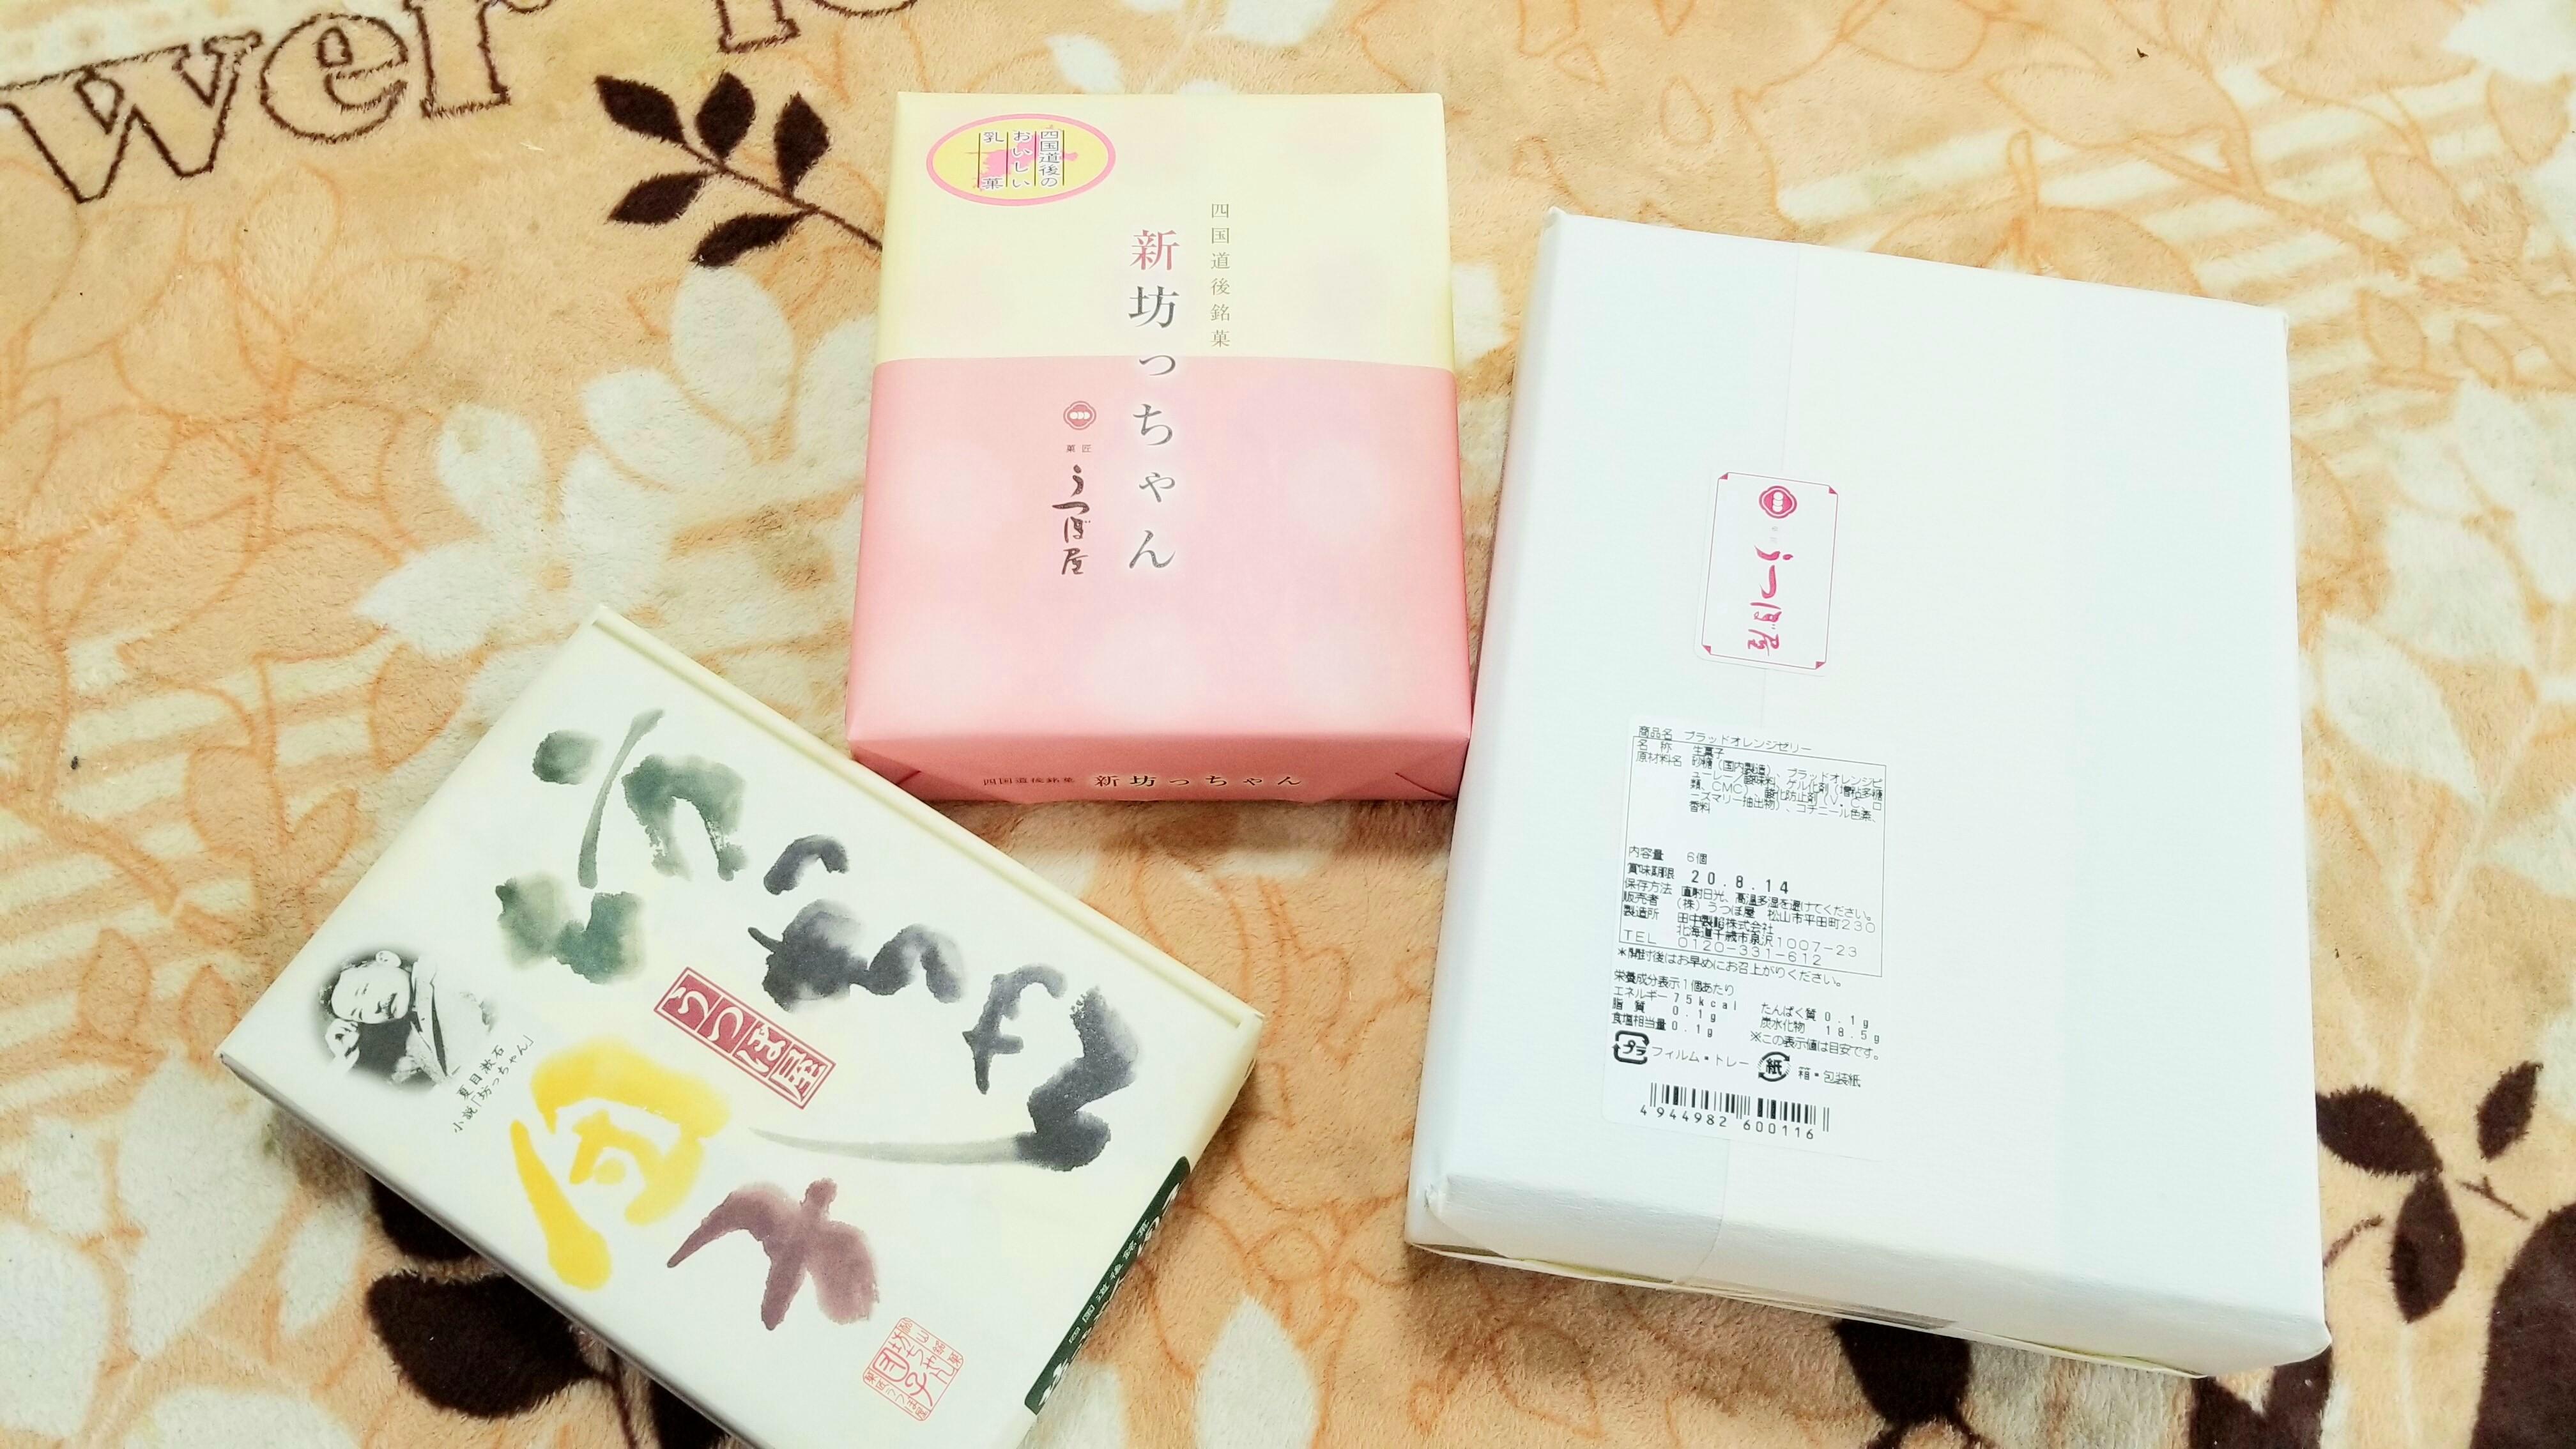 うつぼ屋本店四国愛媛お団子菓子美味しいおすすめ人気商品お土産物に